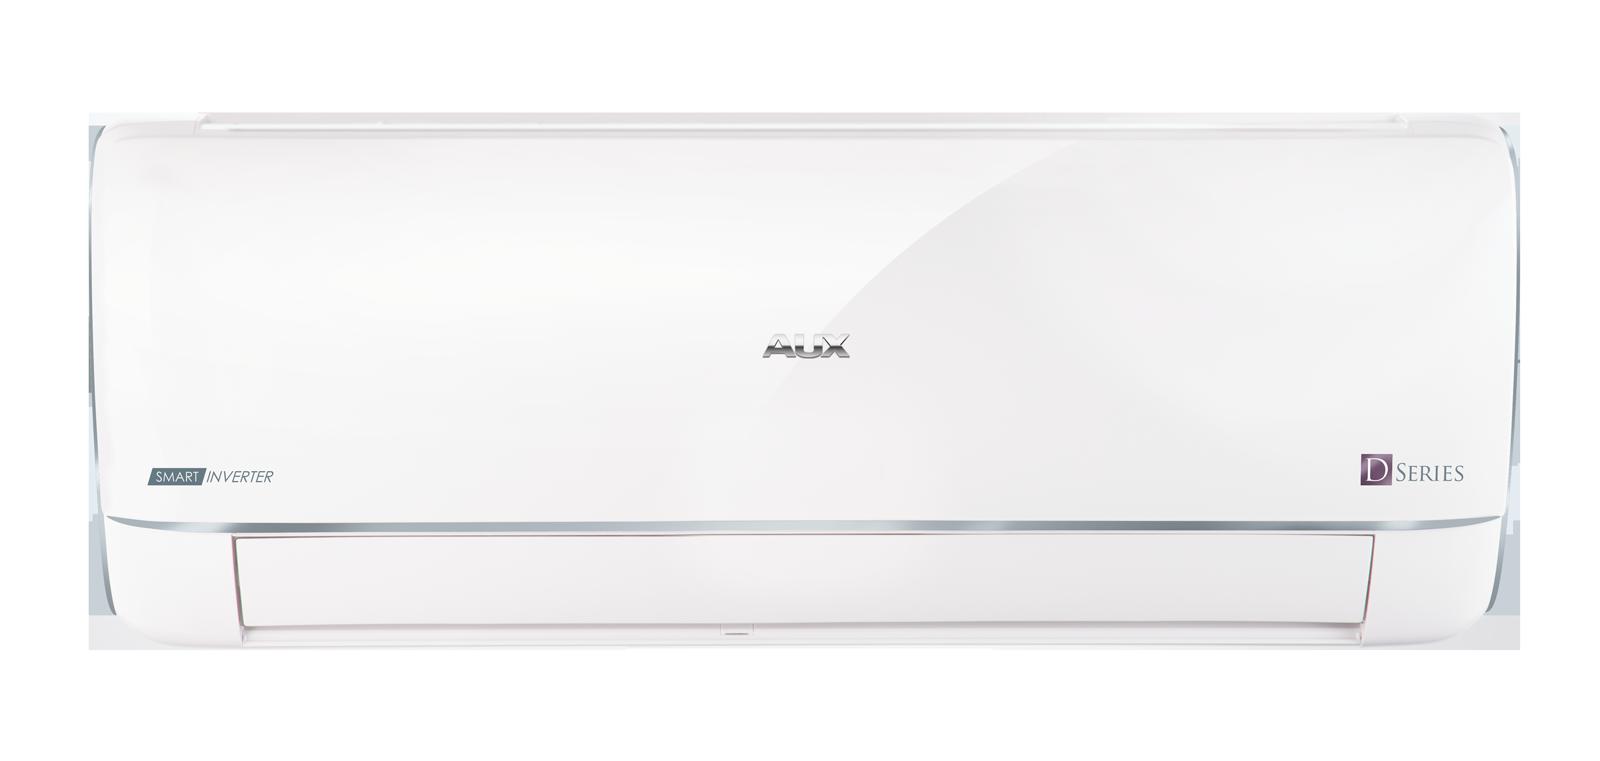 AUX Series D Smart Inverter